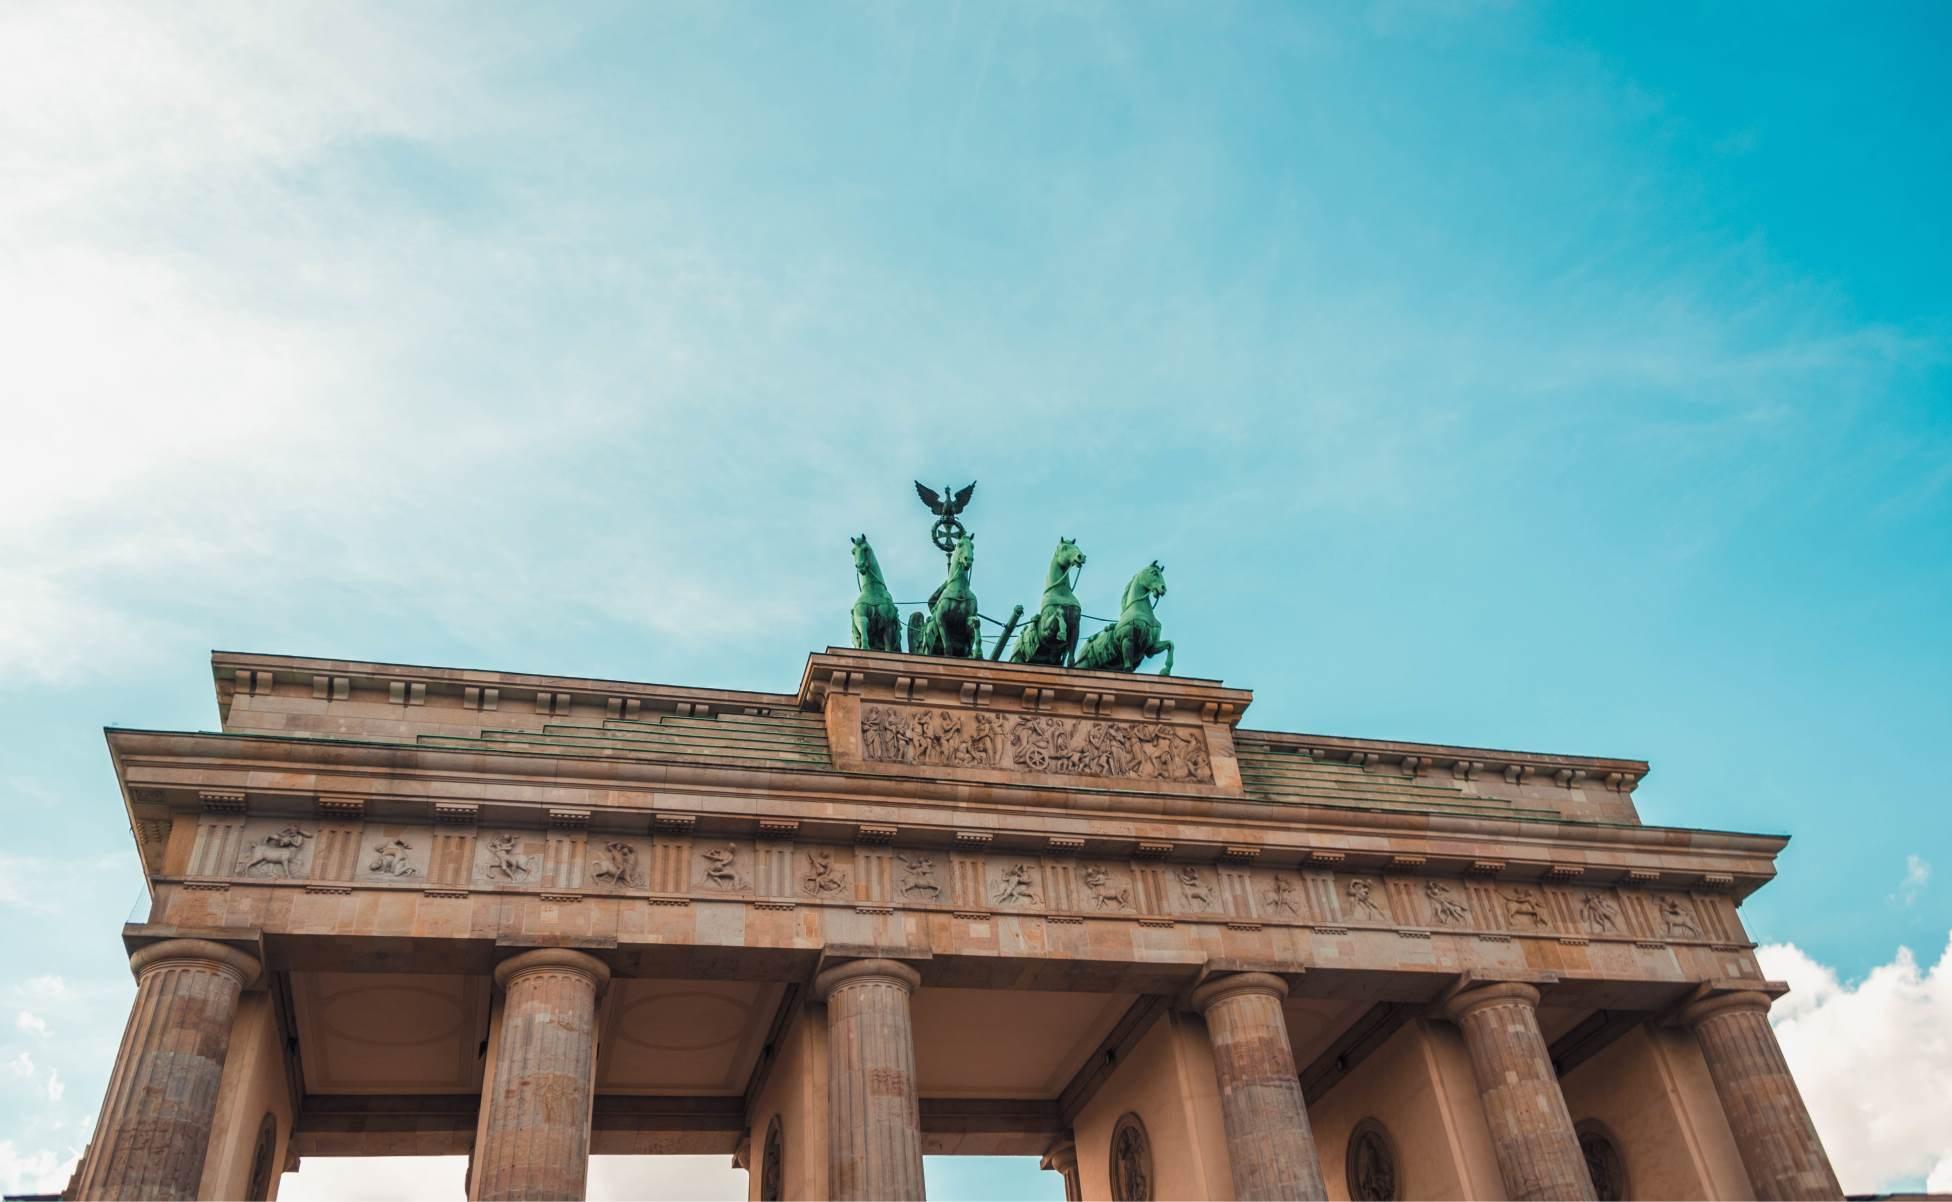 Consejos para visitar Berlin con poco dinero